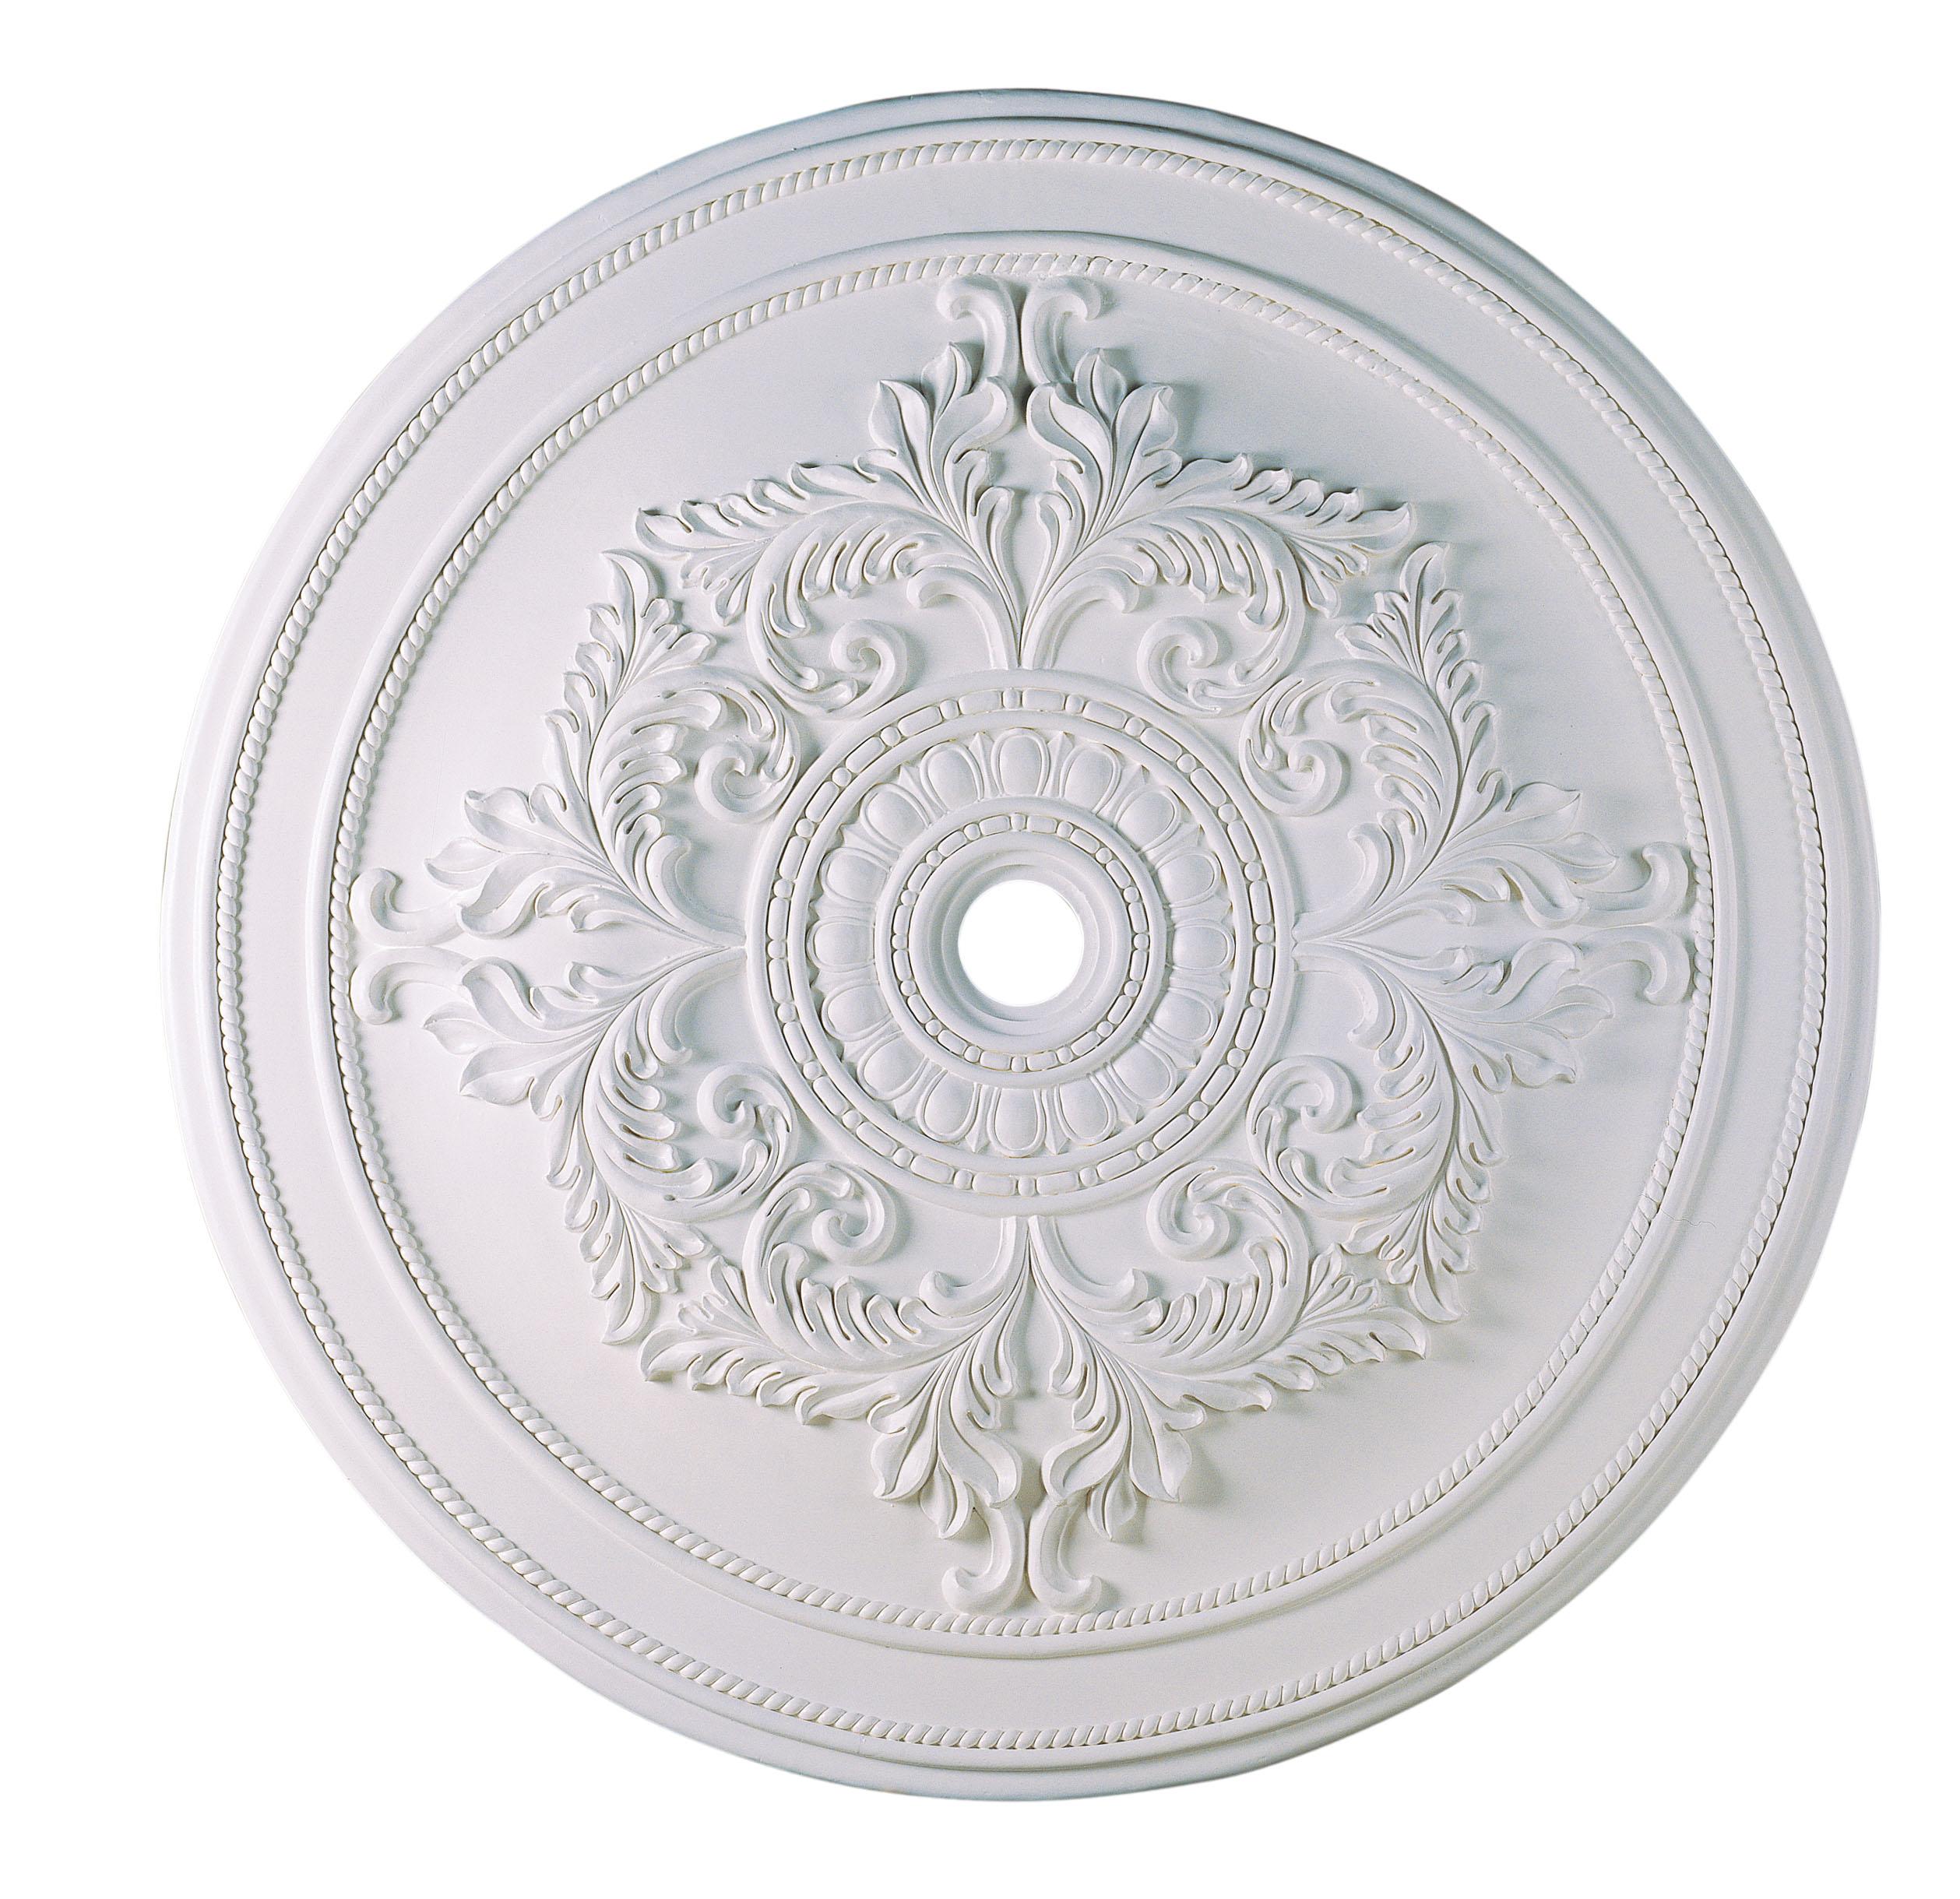 Livex Lighting Ceiling Medallions Ceiling Medallion White